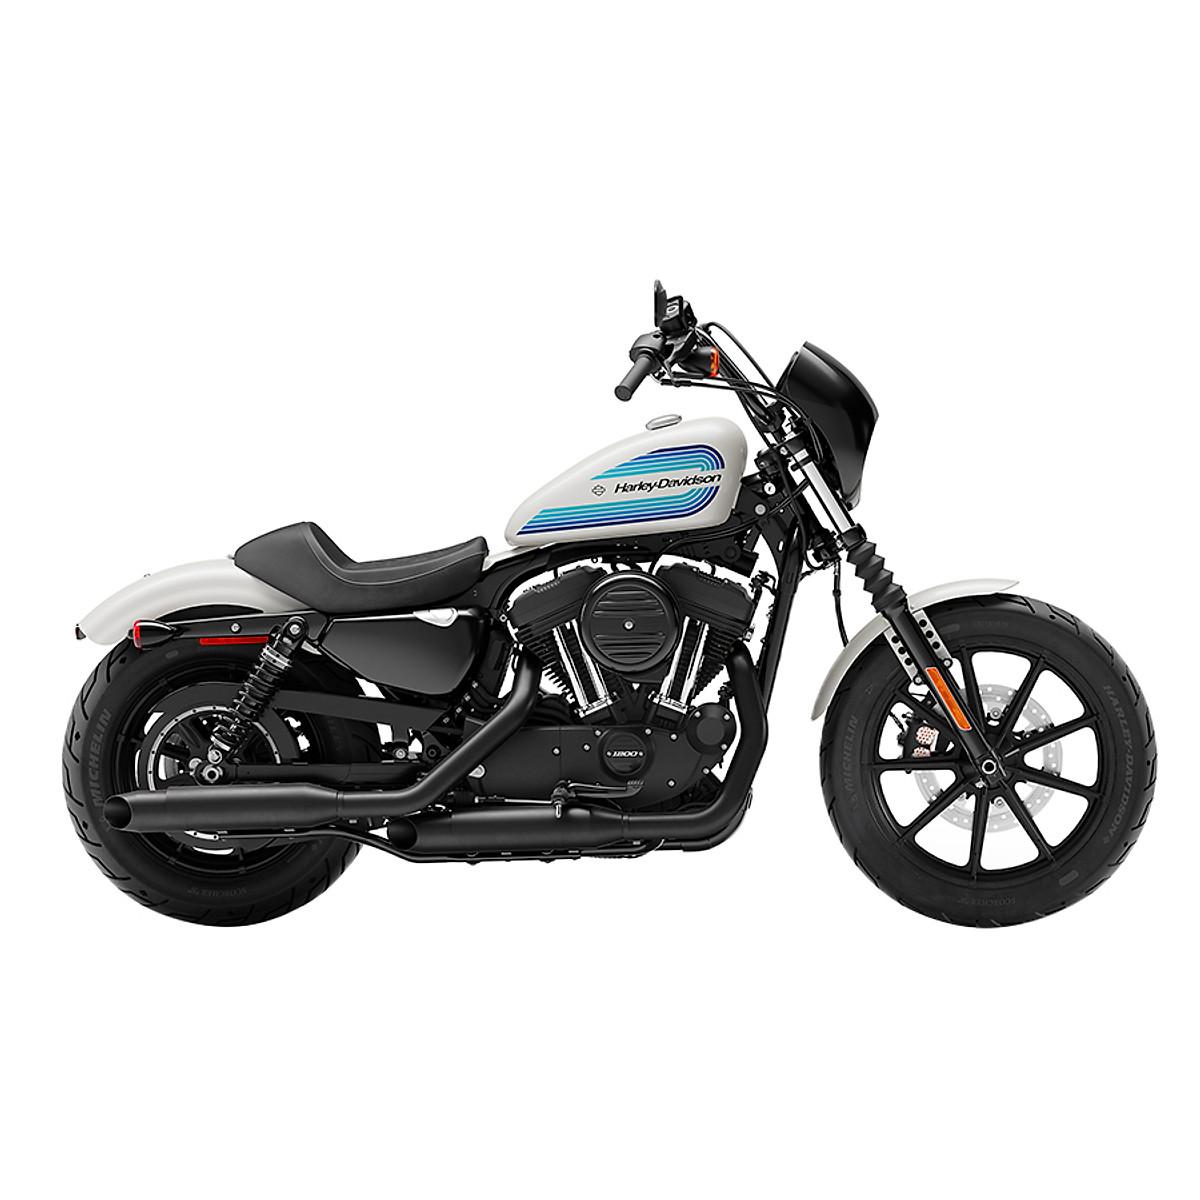 Đánh giá chi tiết Xe Motor Harley Davidson Iron 1200 - 2019